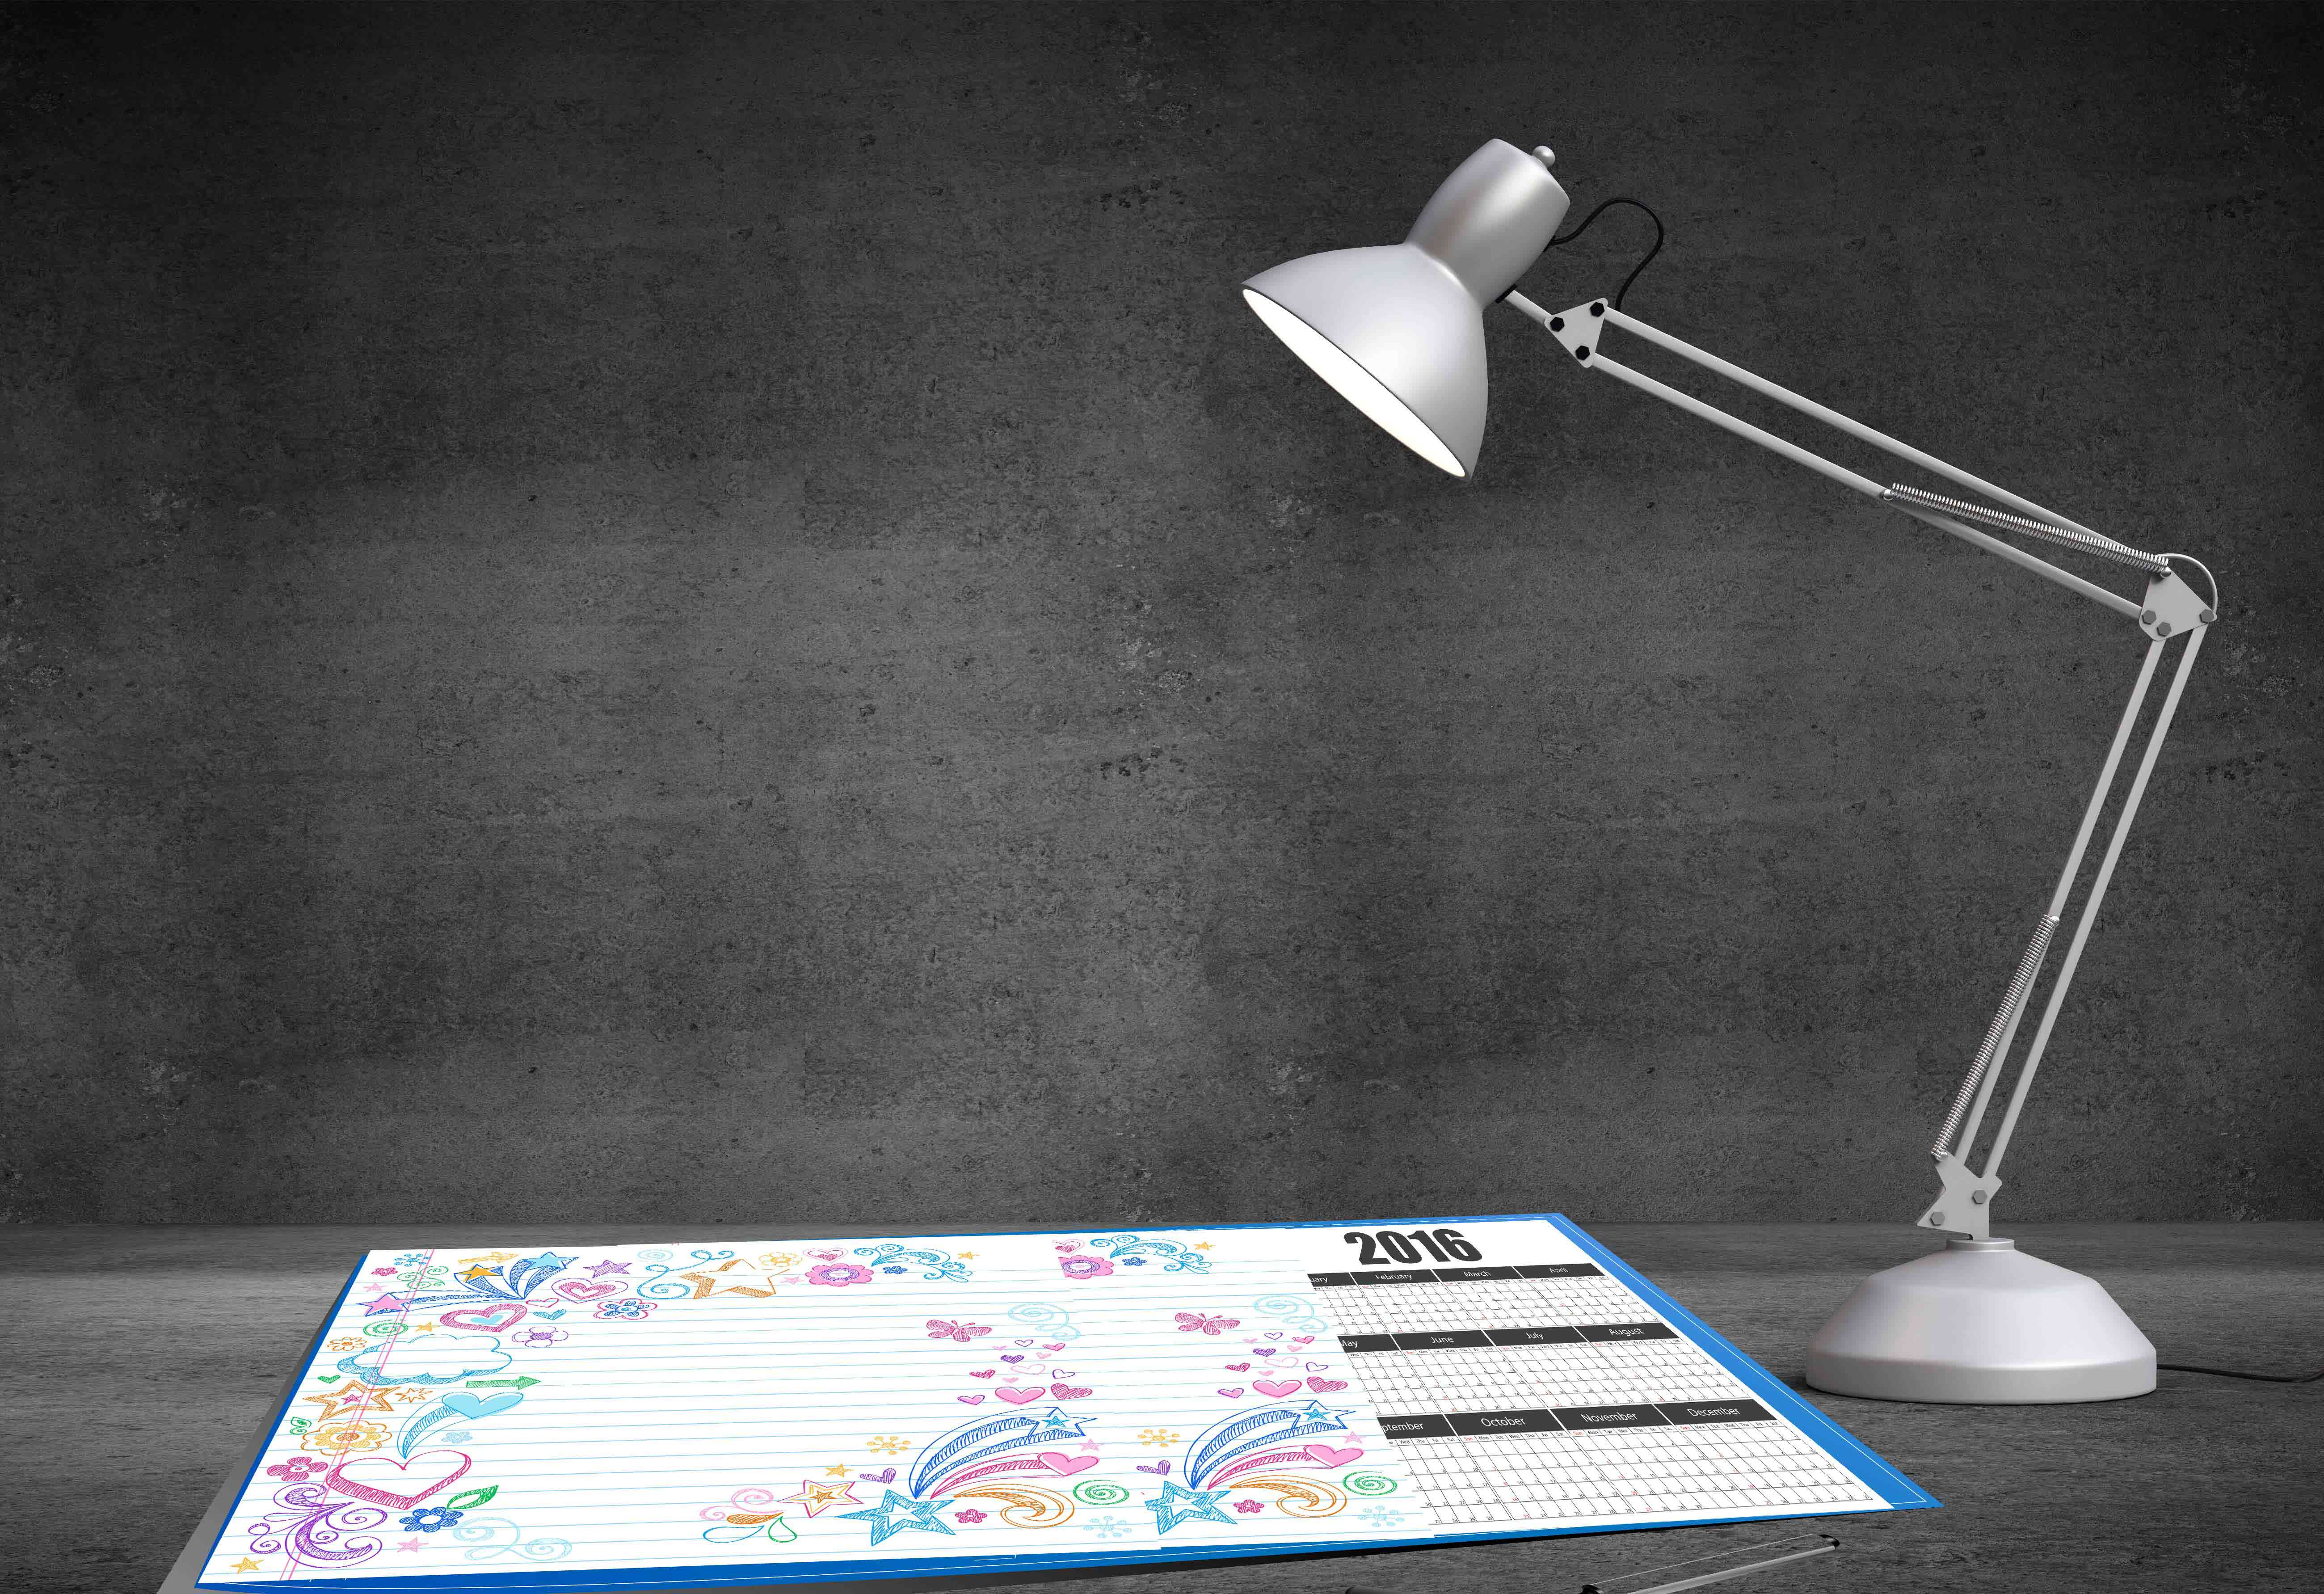 Individuelle Schreibtischunterlage Mit Kalender Und Bereich Für Notizen